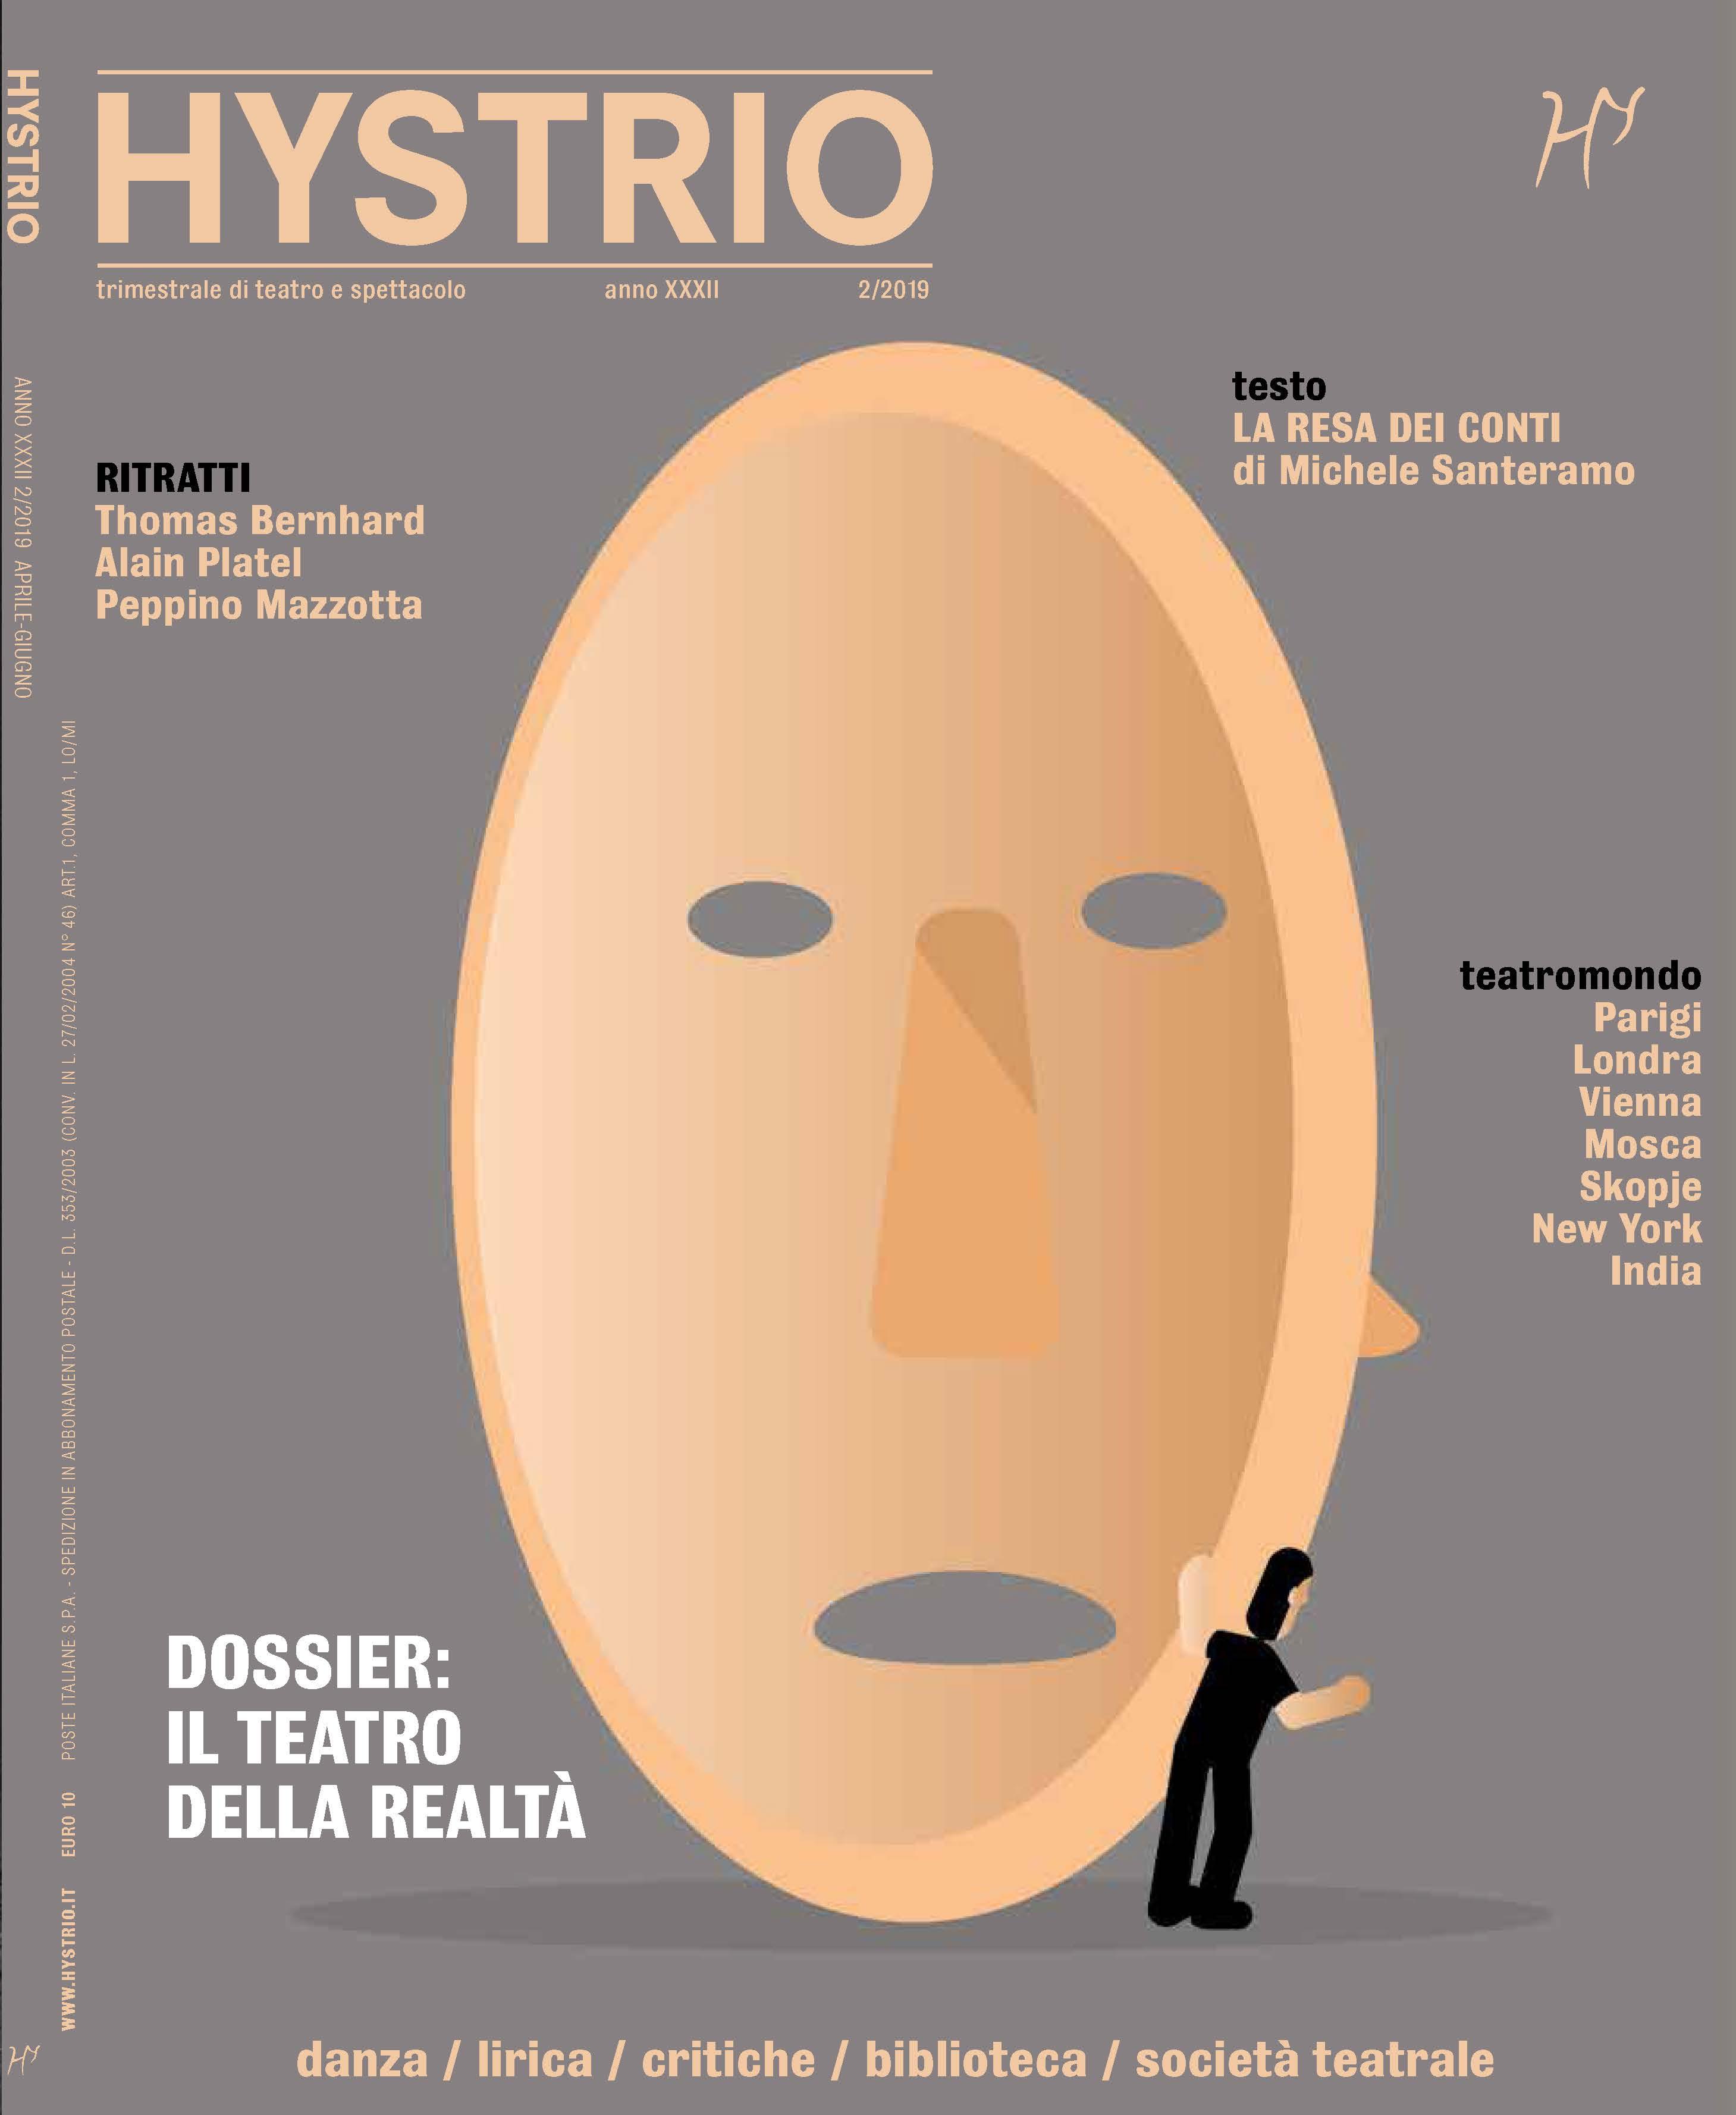 Copertina Hystrio n. 2.2019 (ill. Massimo Dezzani)